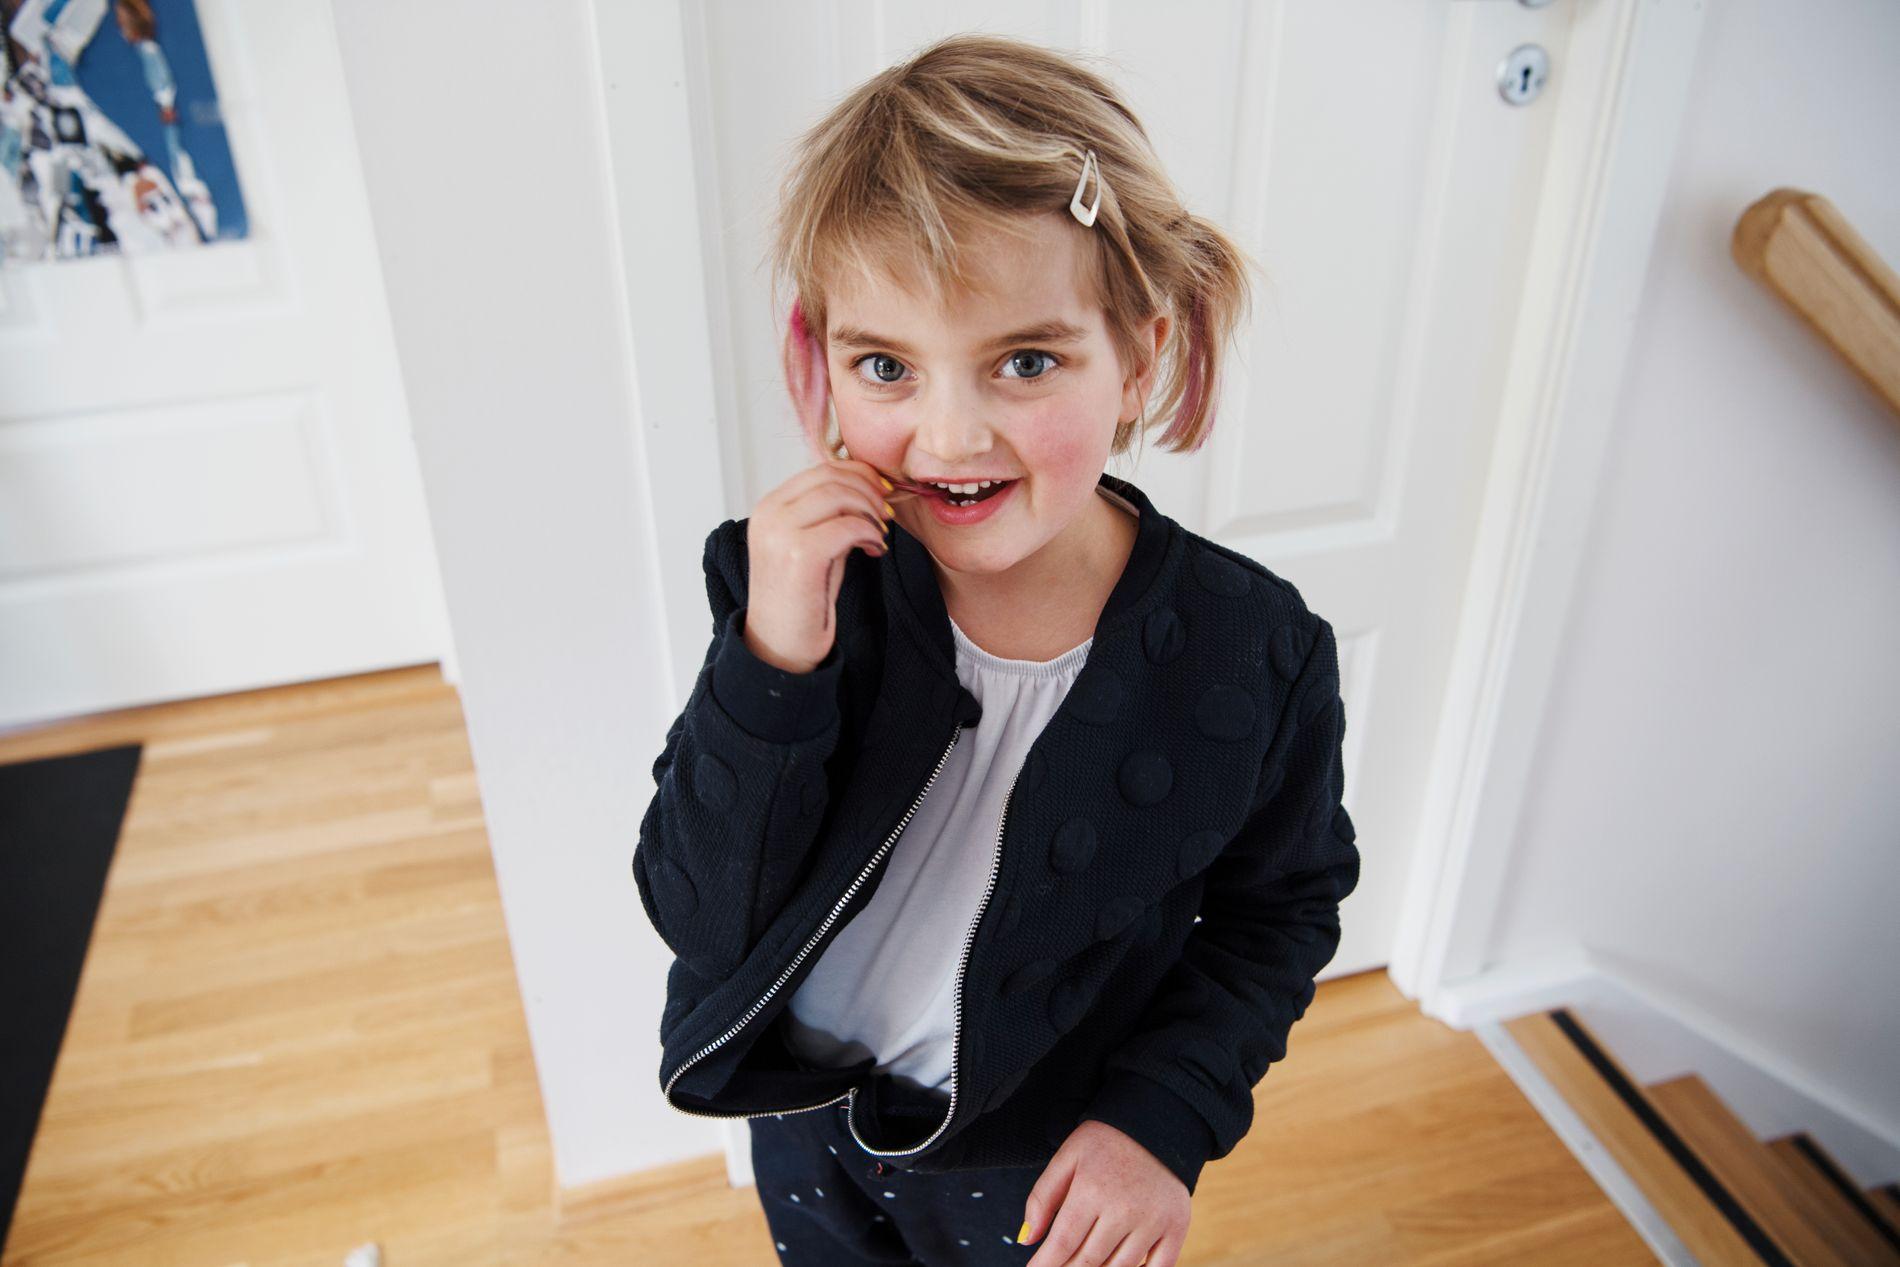 SOM ALLE ANDRE:  Martine gleder seg til å begynne på skolen. Hun vet ikke hvor syk hun er.